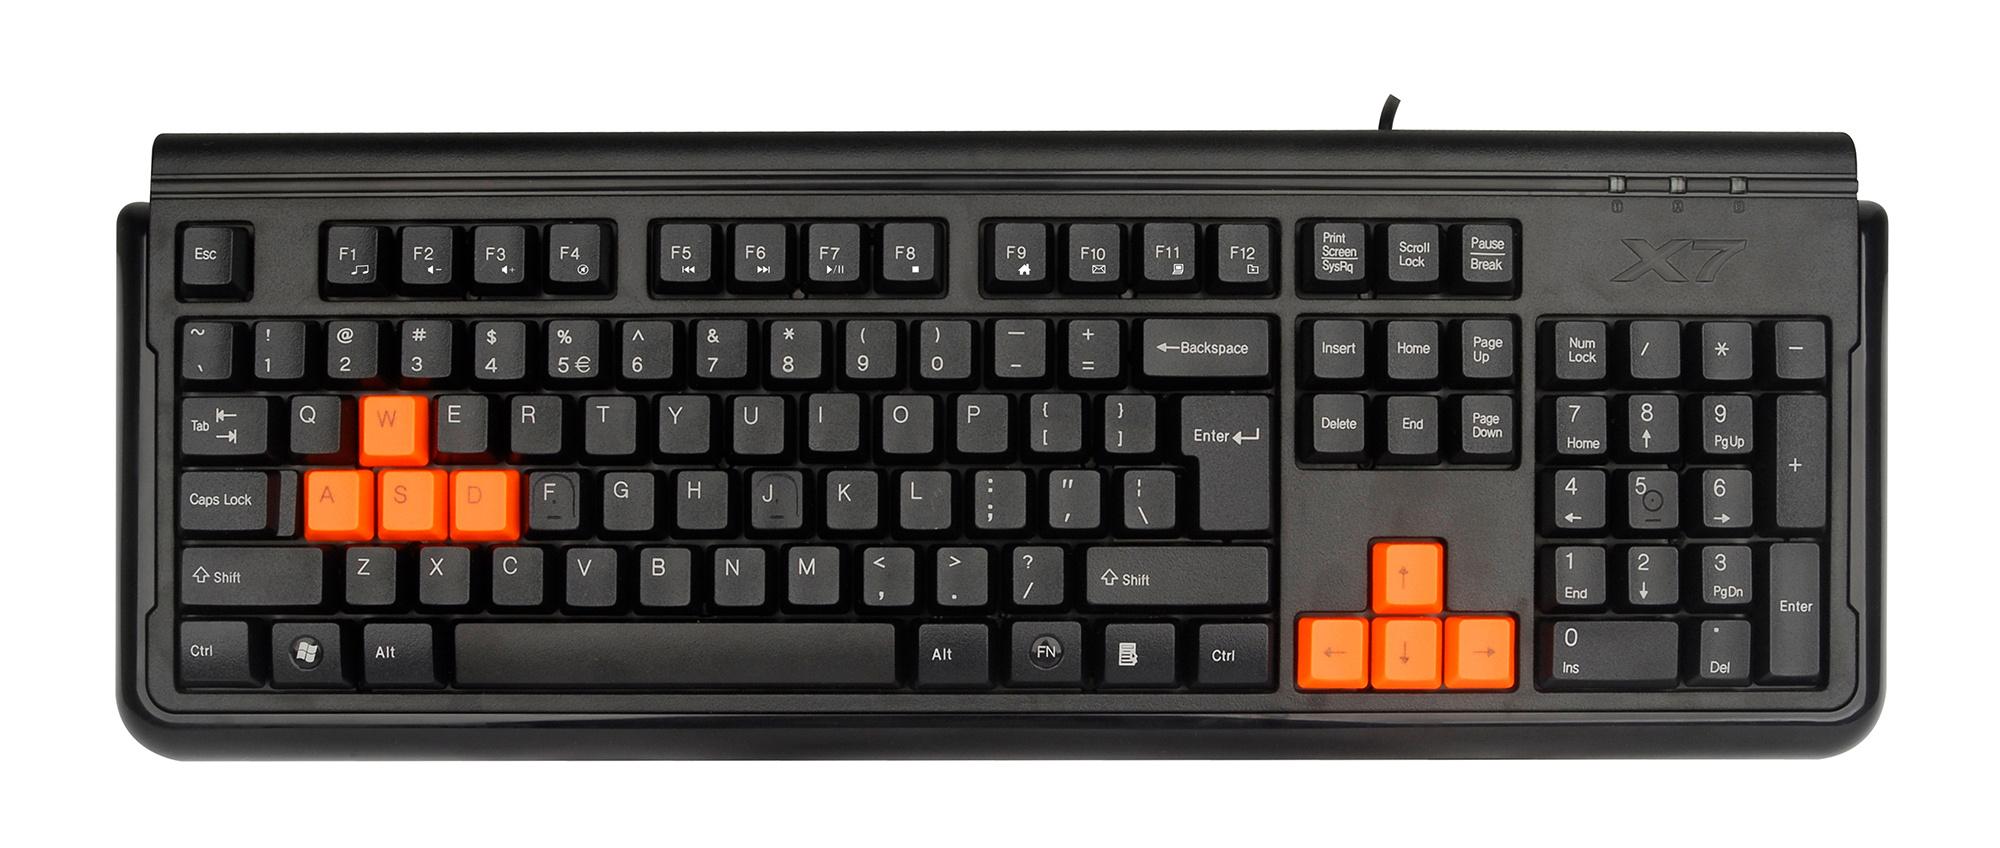 Клавиатура A4 X7-G300 черный USB for gamer